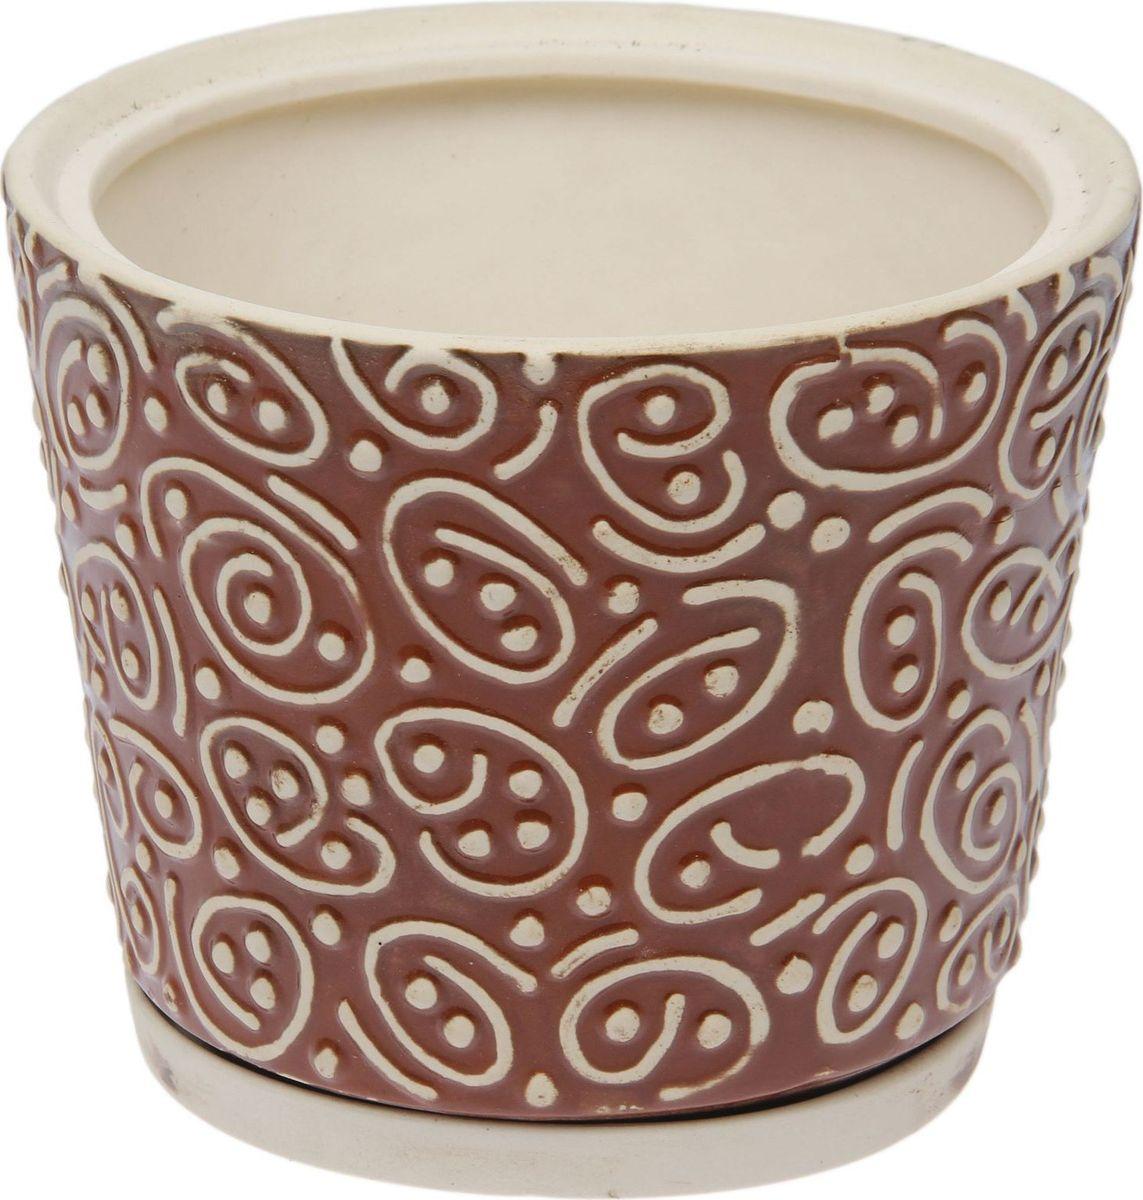 Кашпо Керамика ручной работы Серпантин, 3,5 л1475902Комнатные растения — всеобщие любимцы. Они радуют глаз, насыщают помещение кислородом и украшают пространство. Каждому из них необходим свой удобный и красивый дом. Кашпо из керамики прекрасно подходят для высадки растений: за счёт пластичности глины и разных способов обработки существует великое множество форм и дизайновпористый материал позволяет испаряться лишней влагевоздух, необходимый для дыхания корней, проникает сквозь керамические стенки! #name# позаботится о зелёном питомце, освежит интерьер и подчеркнёт его стиль.